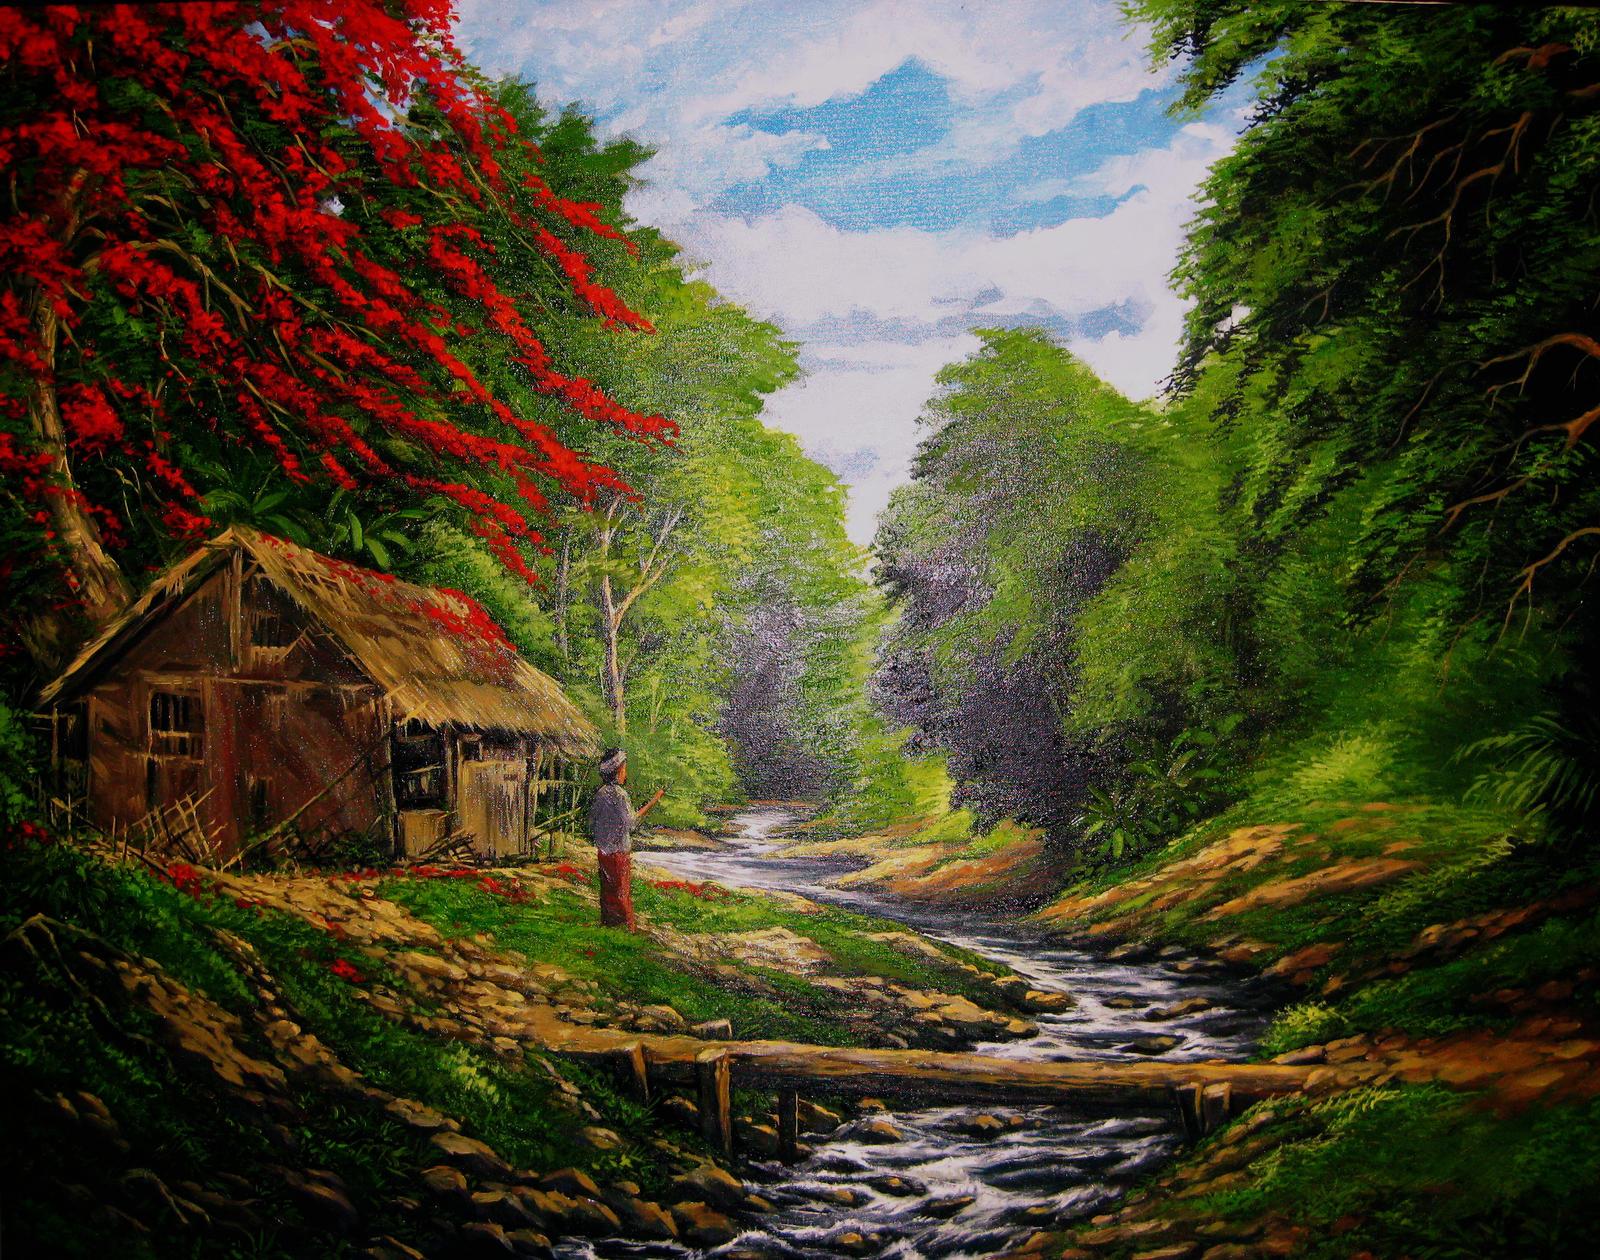 Gambar Wallpaper Pemandangan Alam Indah Kumpulan Wallpaper #7: sungai pegunungan by kongstones